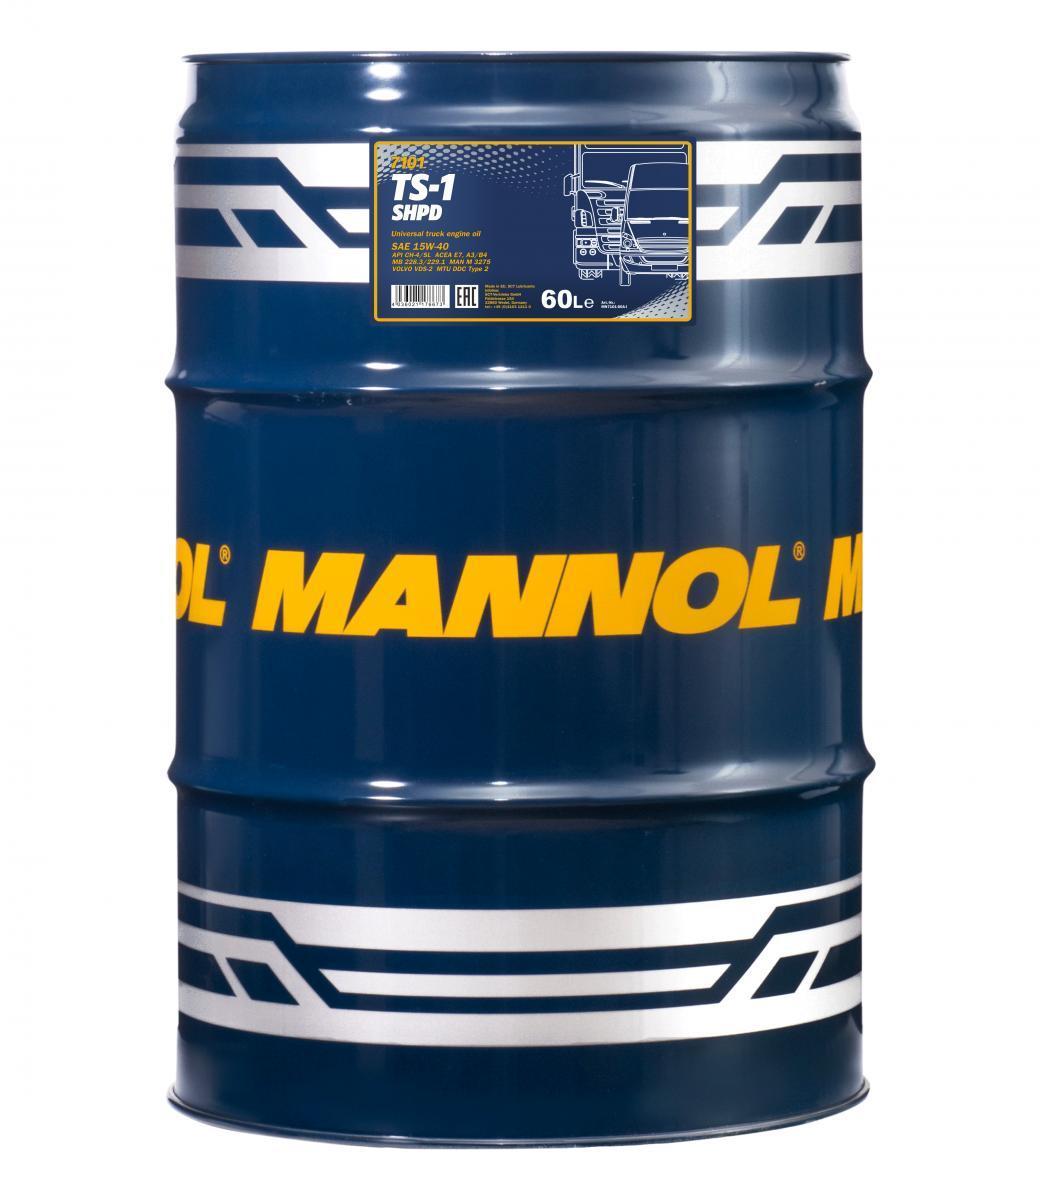 MN7101-60 MANNOL TS-1, SHPD 15W-40, 15W-40, 60l, Mineralöl Motoröl MN7101-60 günstig kaufen